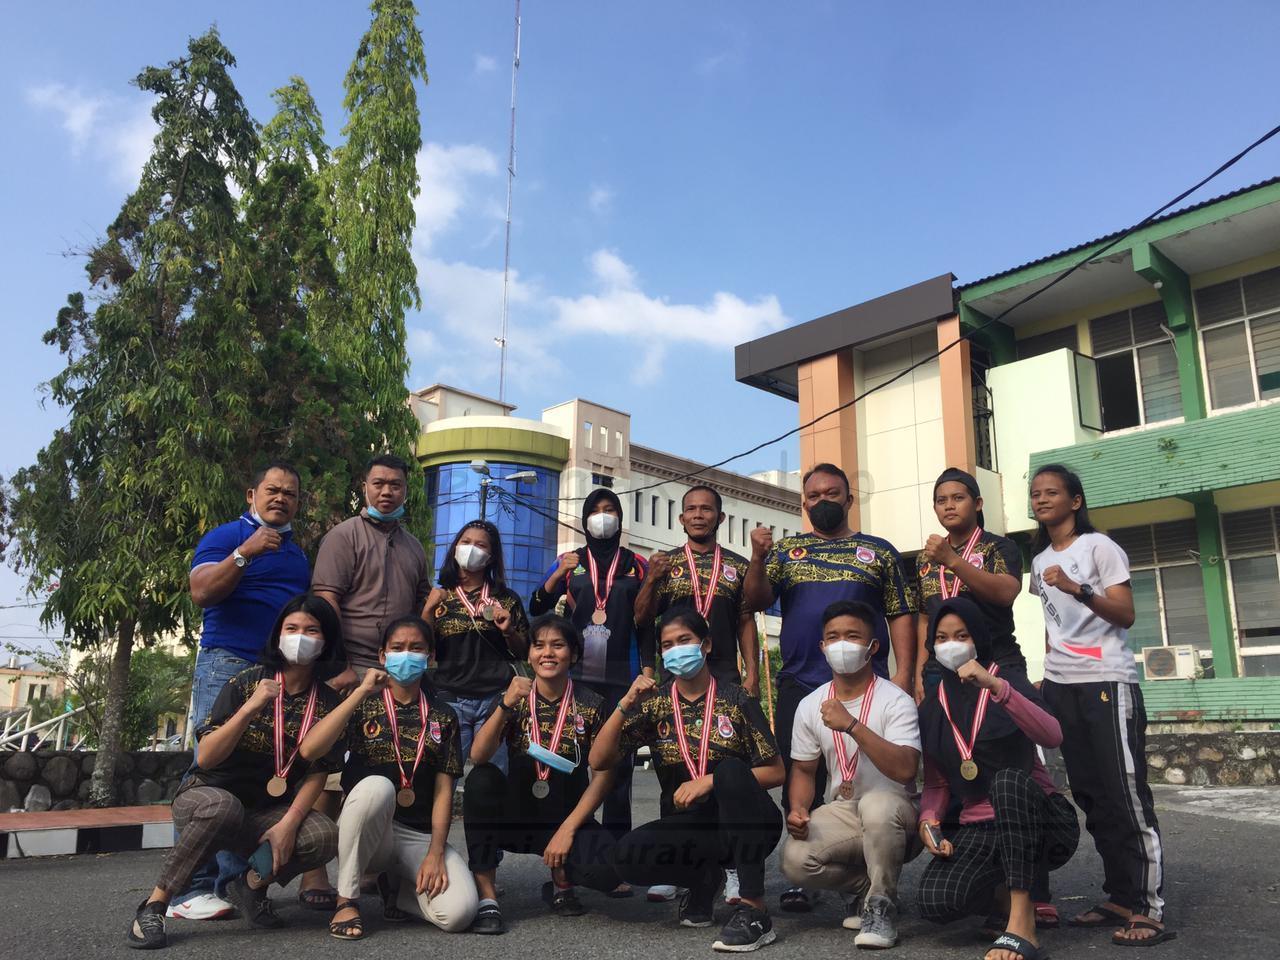 Pabbsi Tebing Tinggi Sabet 12 Medali di Medan Open Turnamen 2021 16 IMG 20210301 WA0083